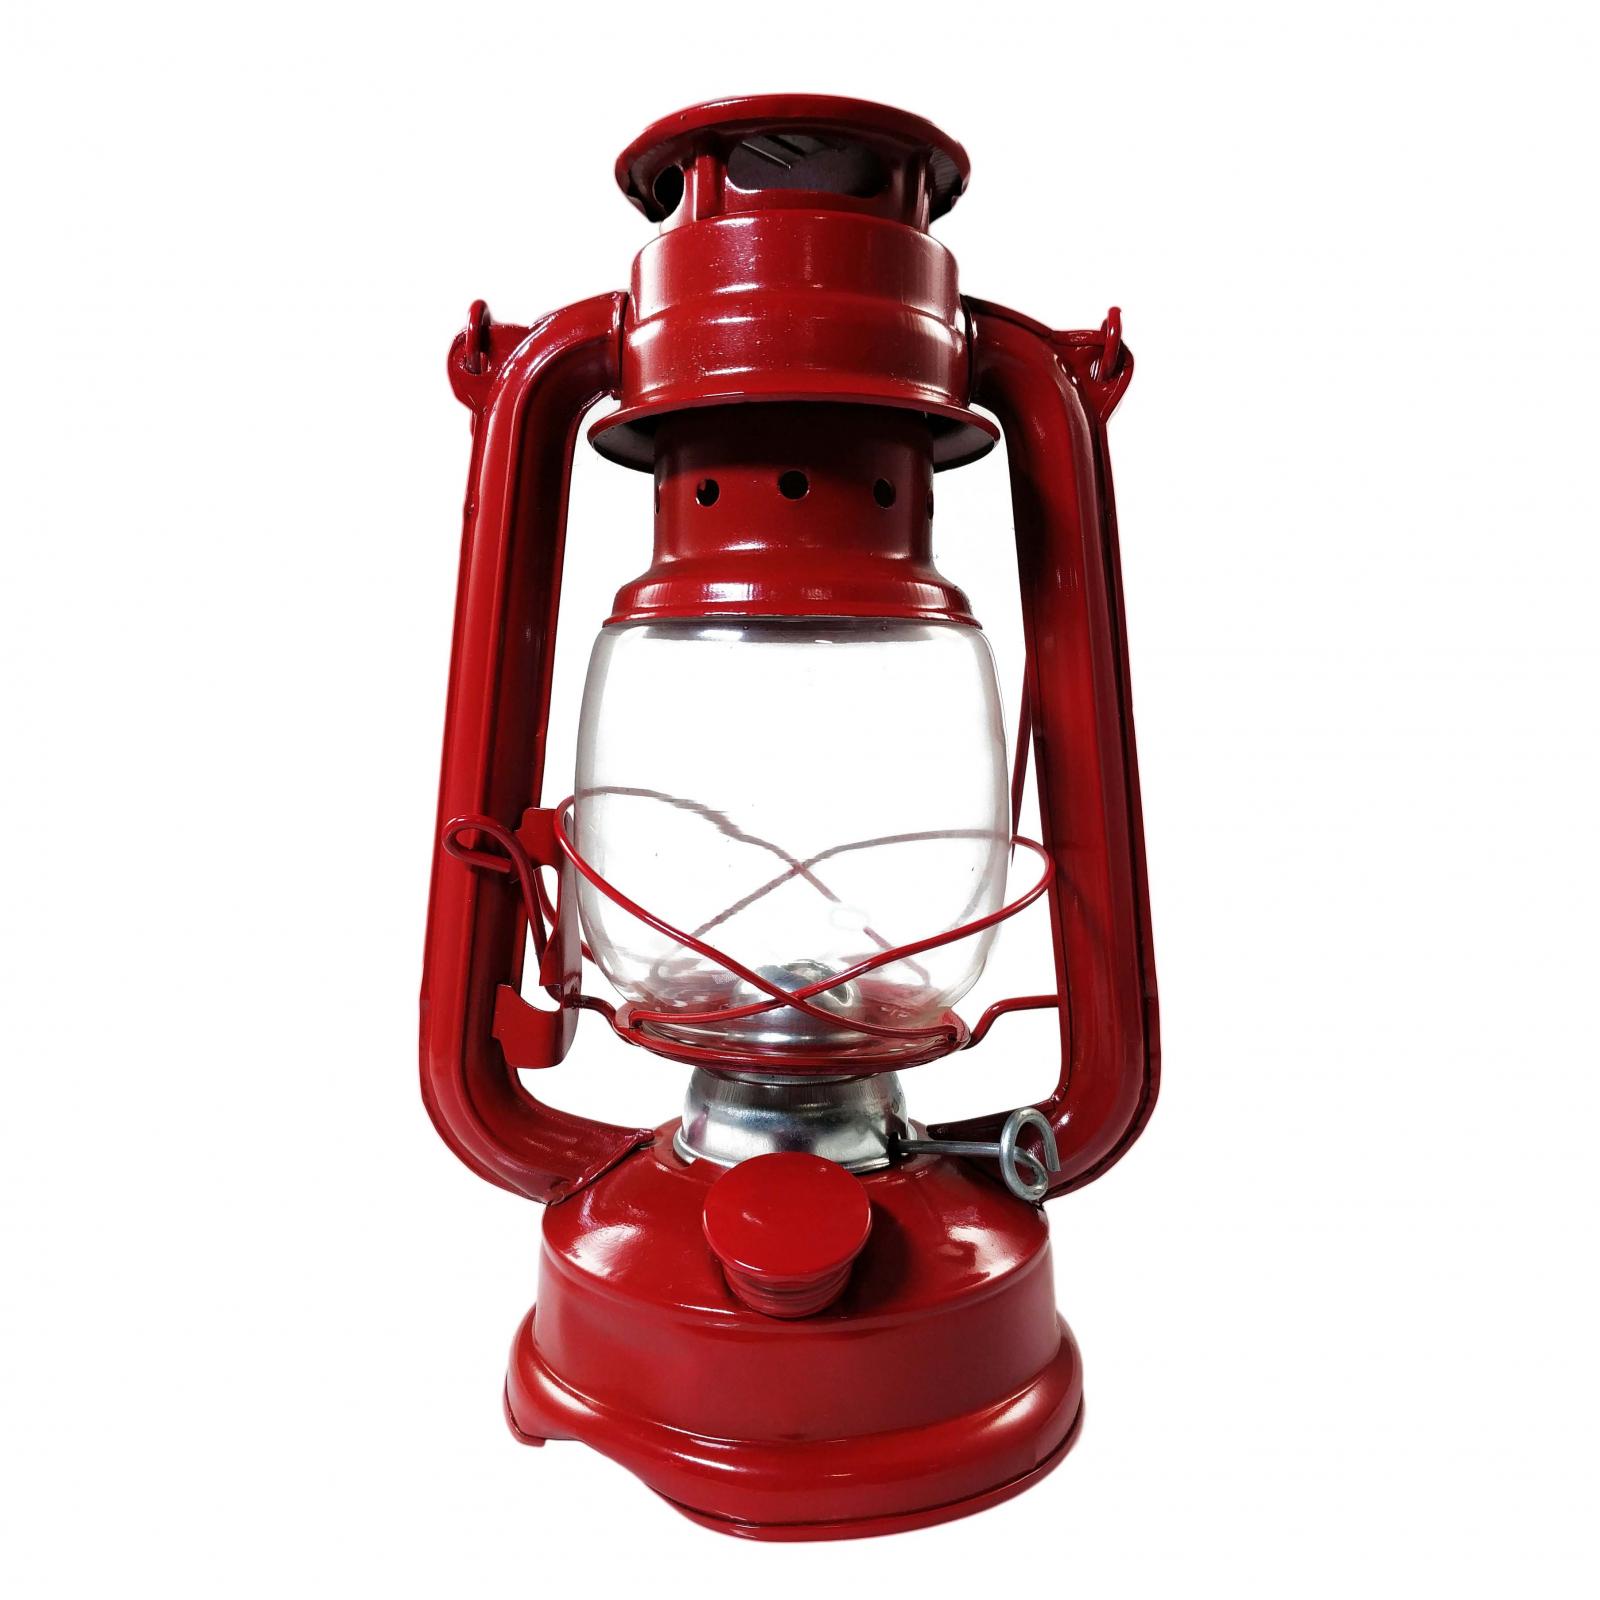 Vintage Hanging Hurricane Camping Kerosene Oil Lantern Red